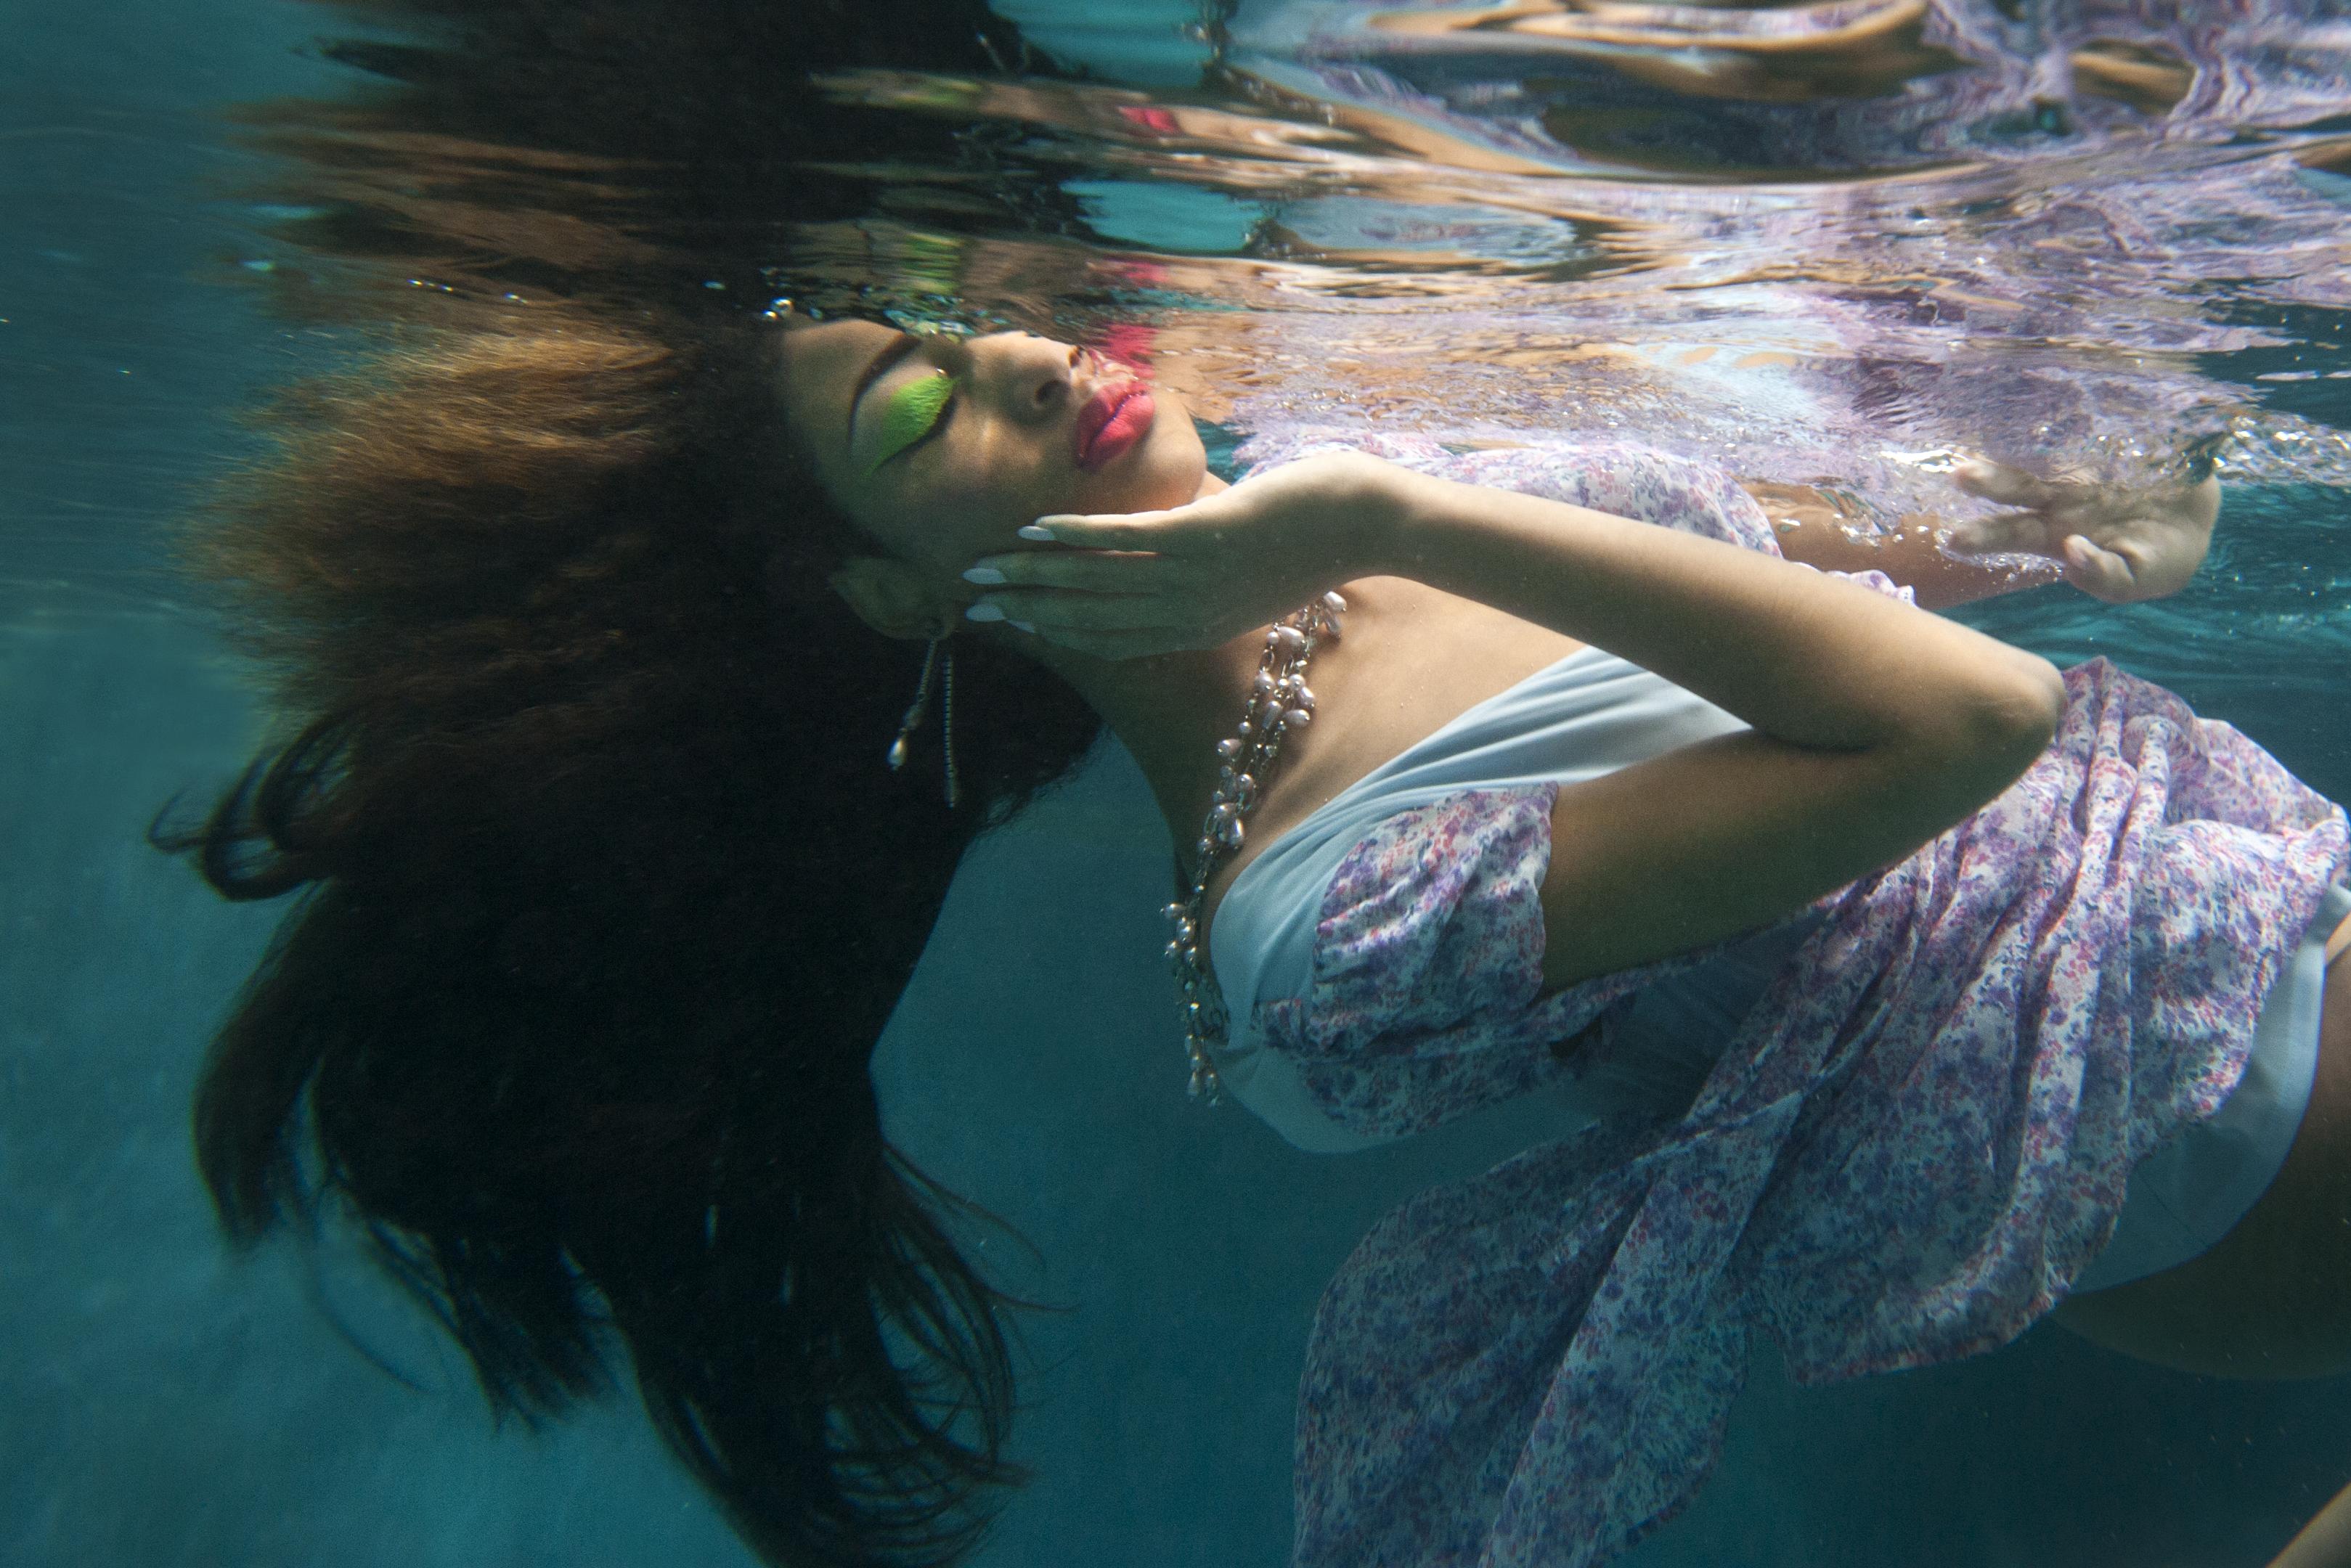 Underwater Fashion Photoshoot Lloyd Fox's Underwater Fashion